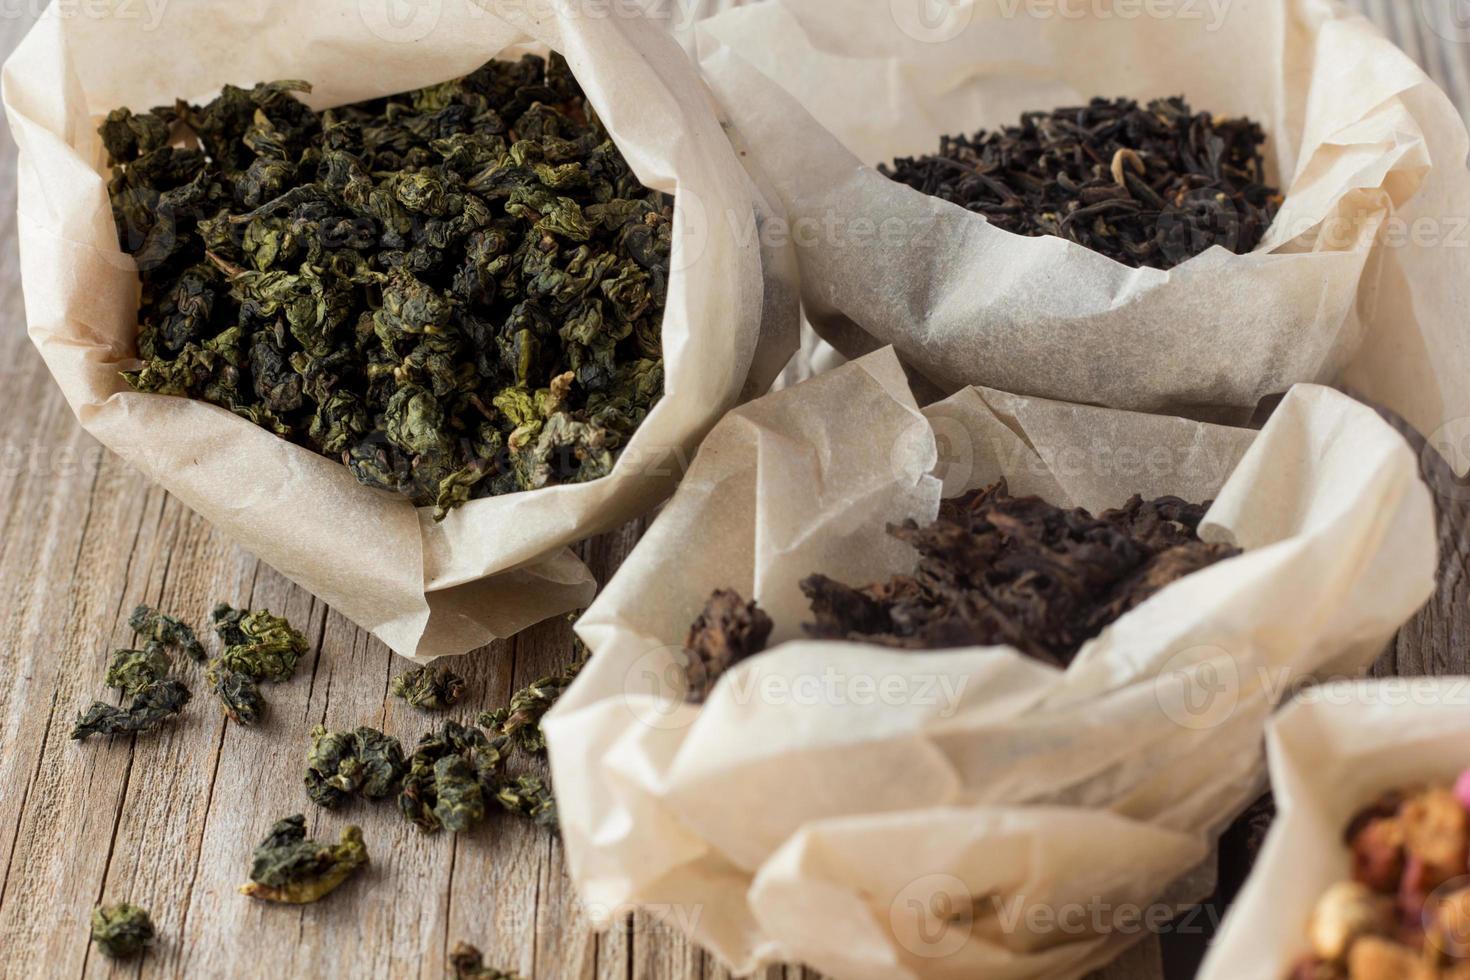 diferentes tipos de té en bolsas de papel foto